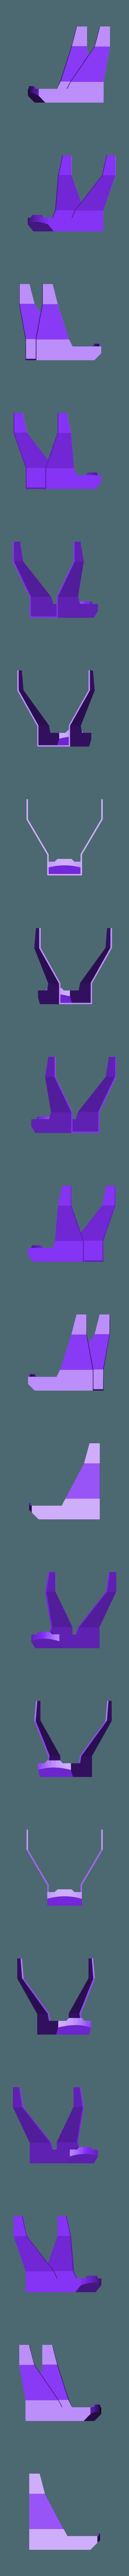 machoire .STL Télécharger fichier STL gratuit casque iron man • Design imprimable en 3D, mathiscovelli